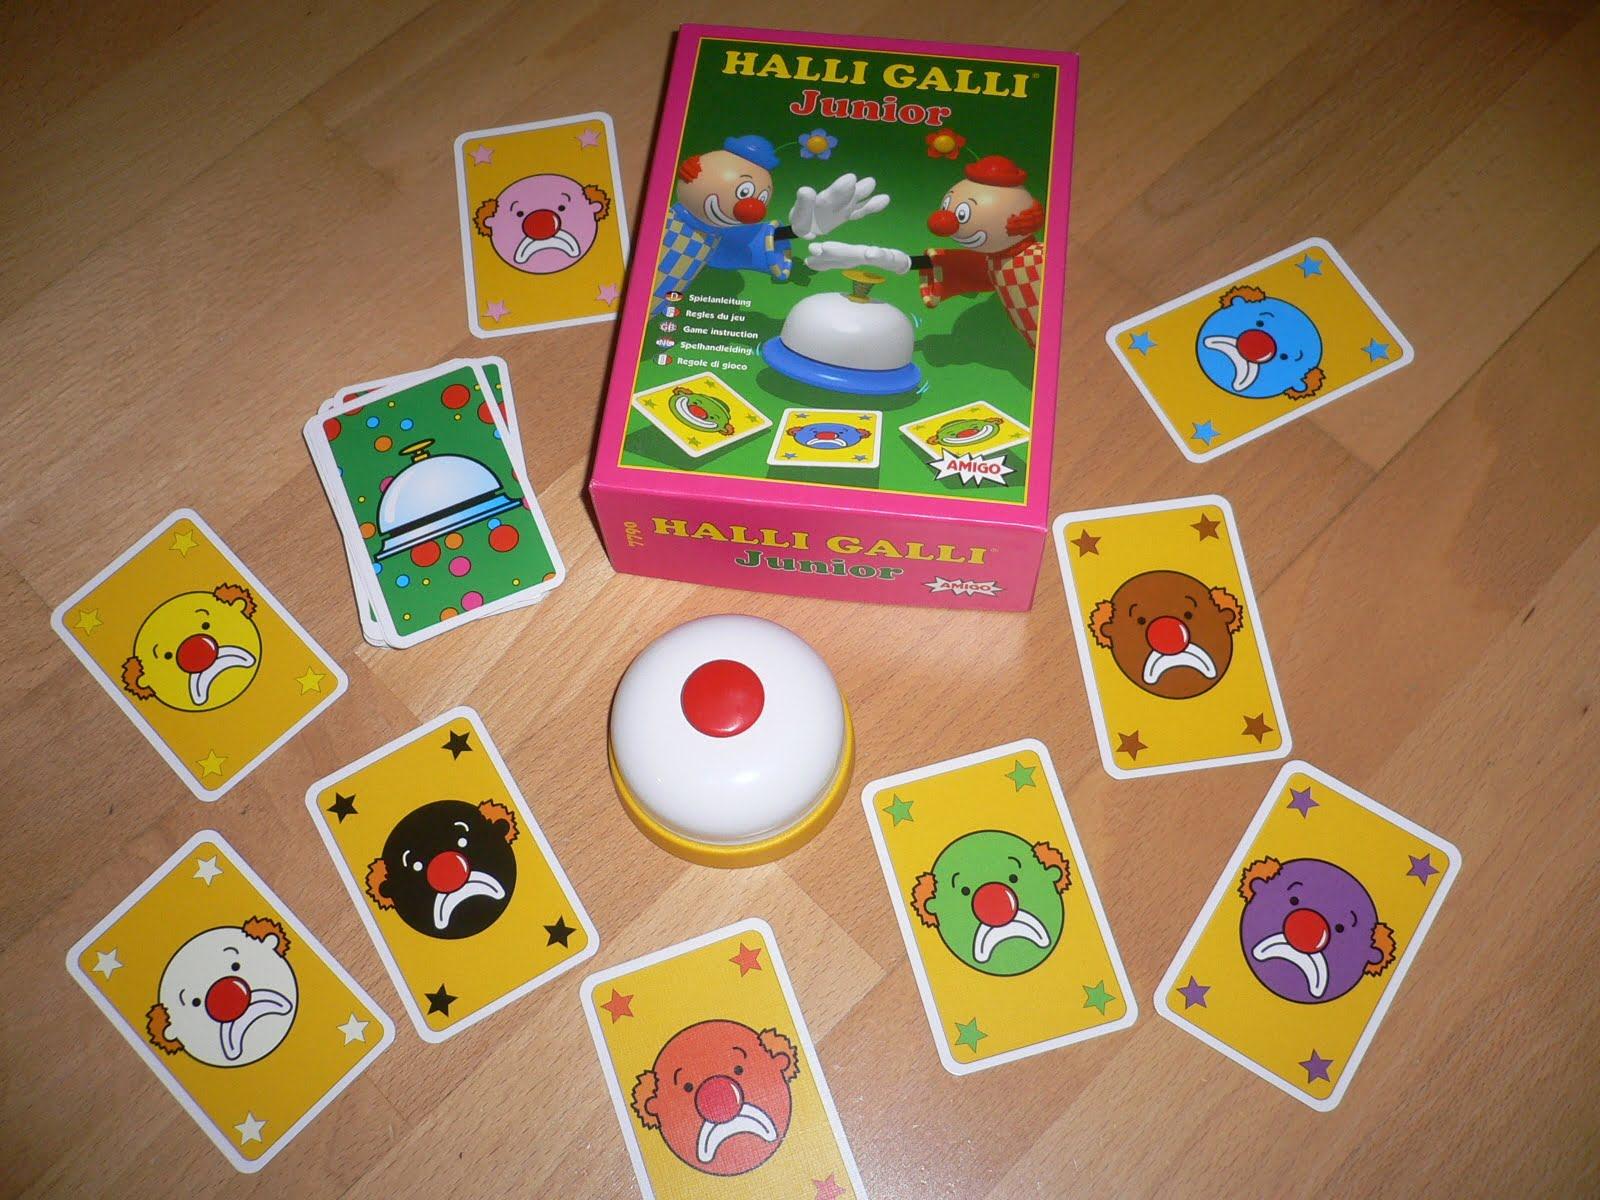 Wie Spielt Man Halli Galli